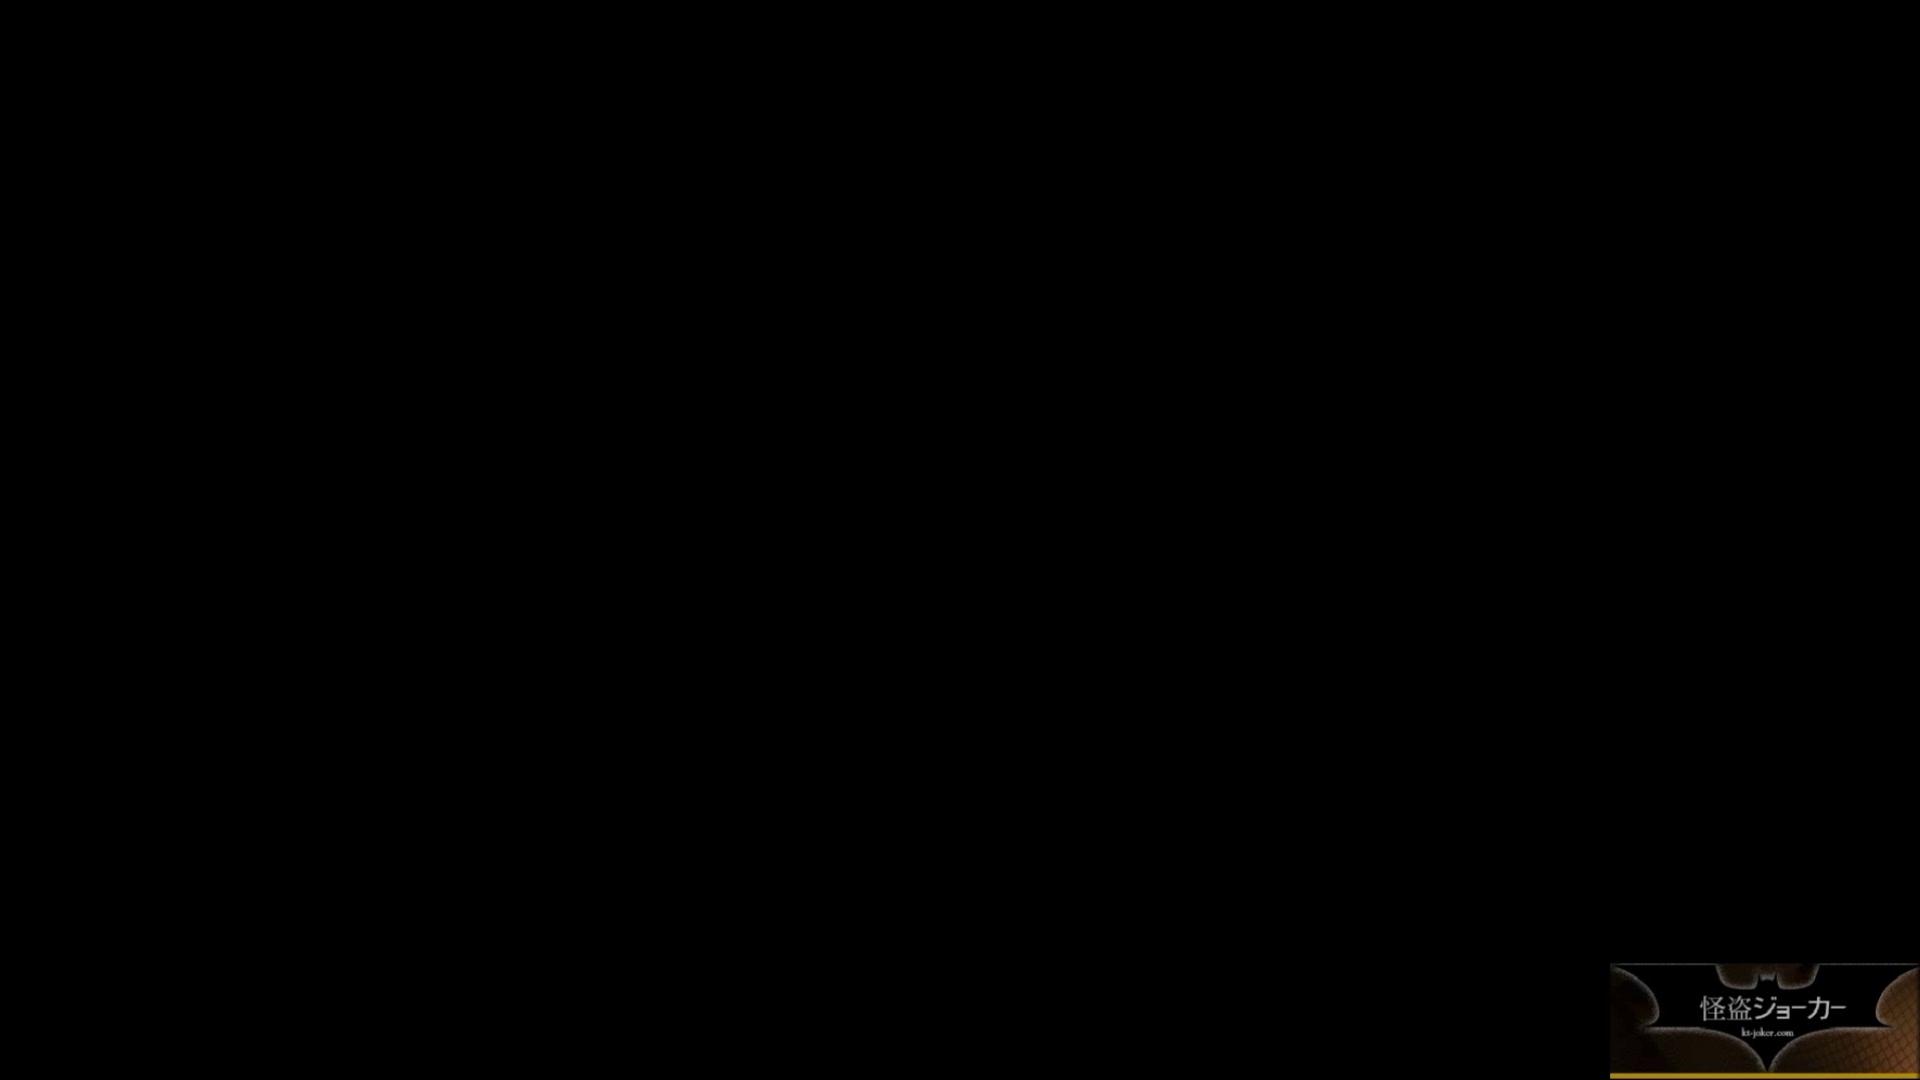 【未公開】vol.26 葵に群がる男たち。。。 友人・知人  95PIX 22